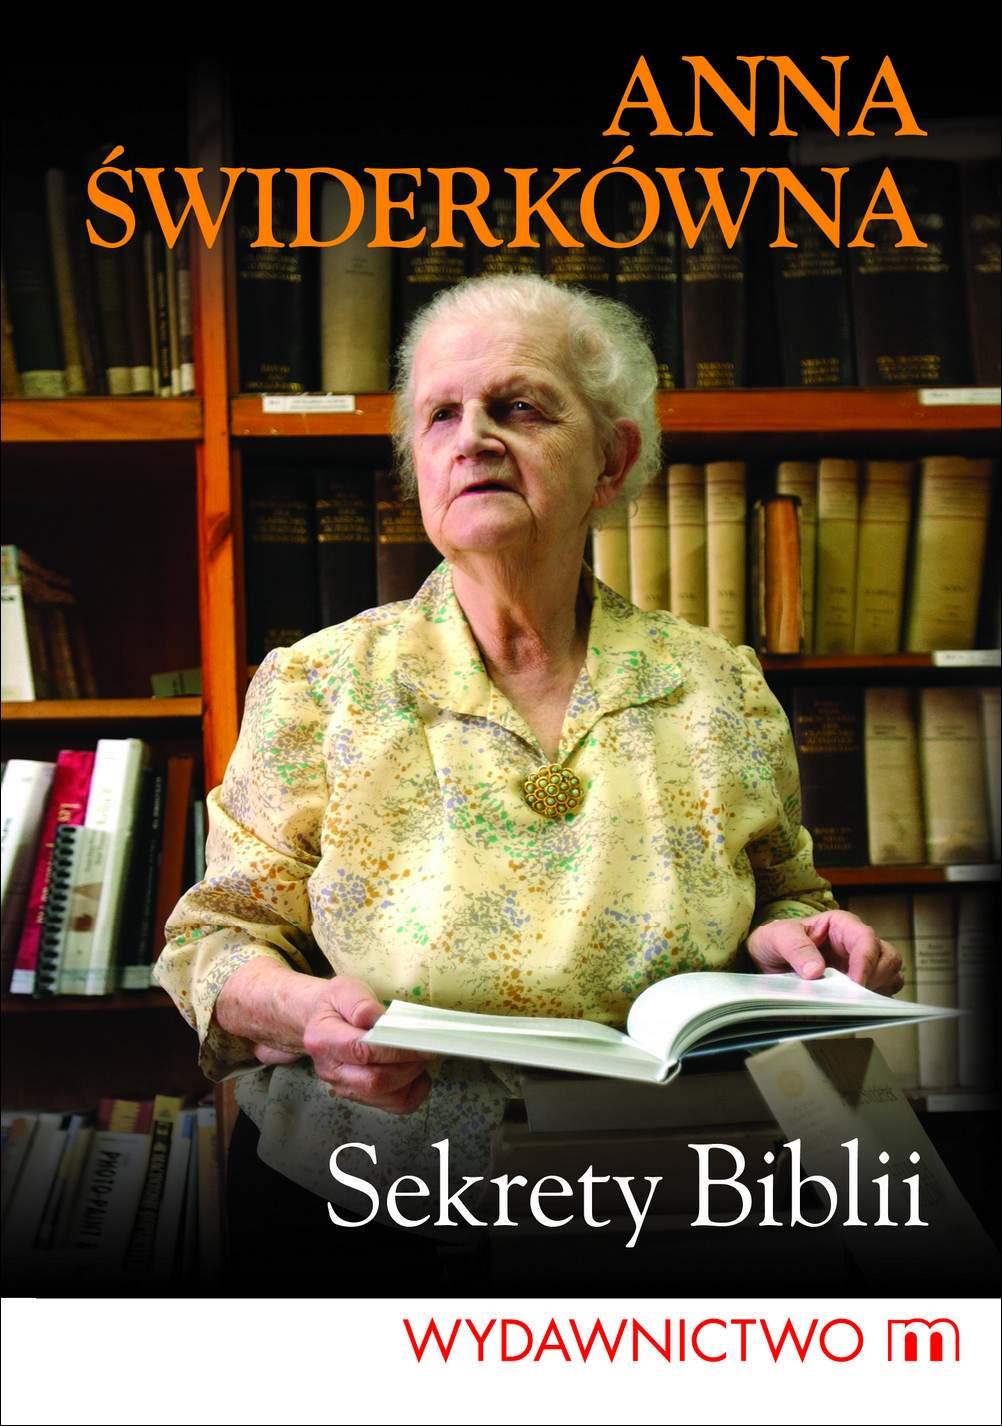 Sekrety Biblii - Ebook (Książka na Kindle) do pobrania w formacie MOBI